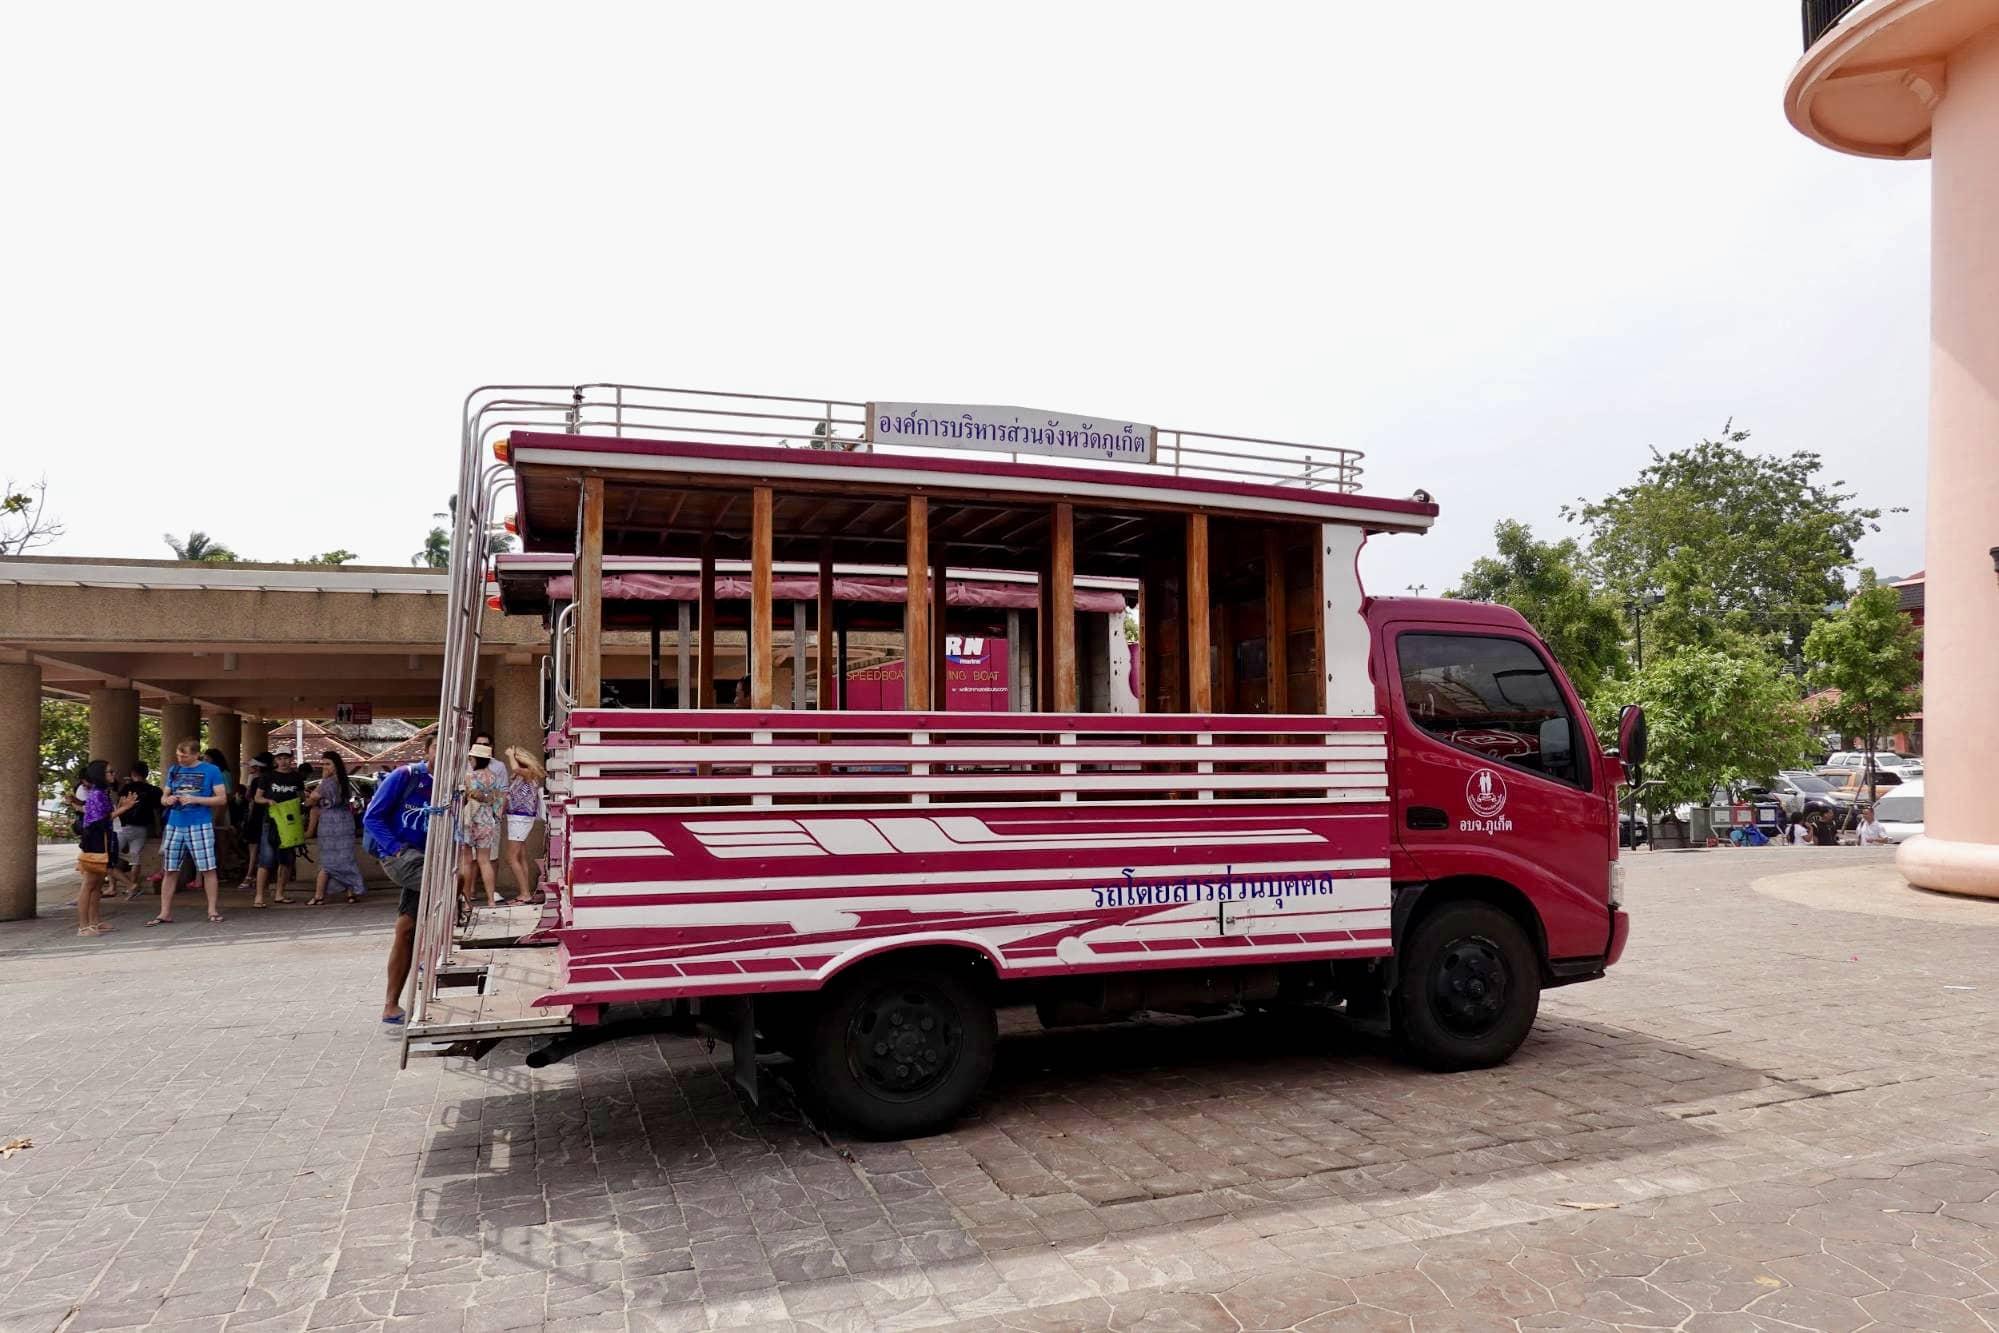 xe tuk tuk tại phuket